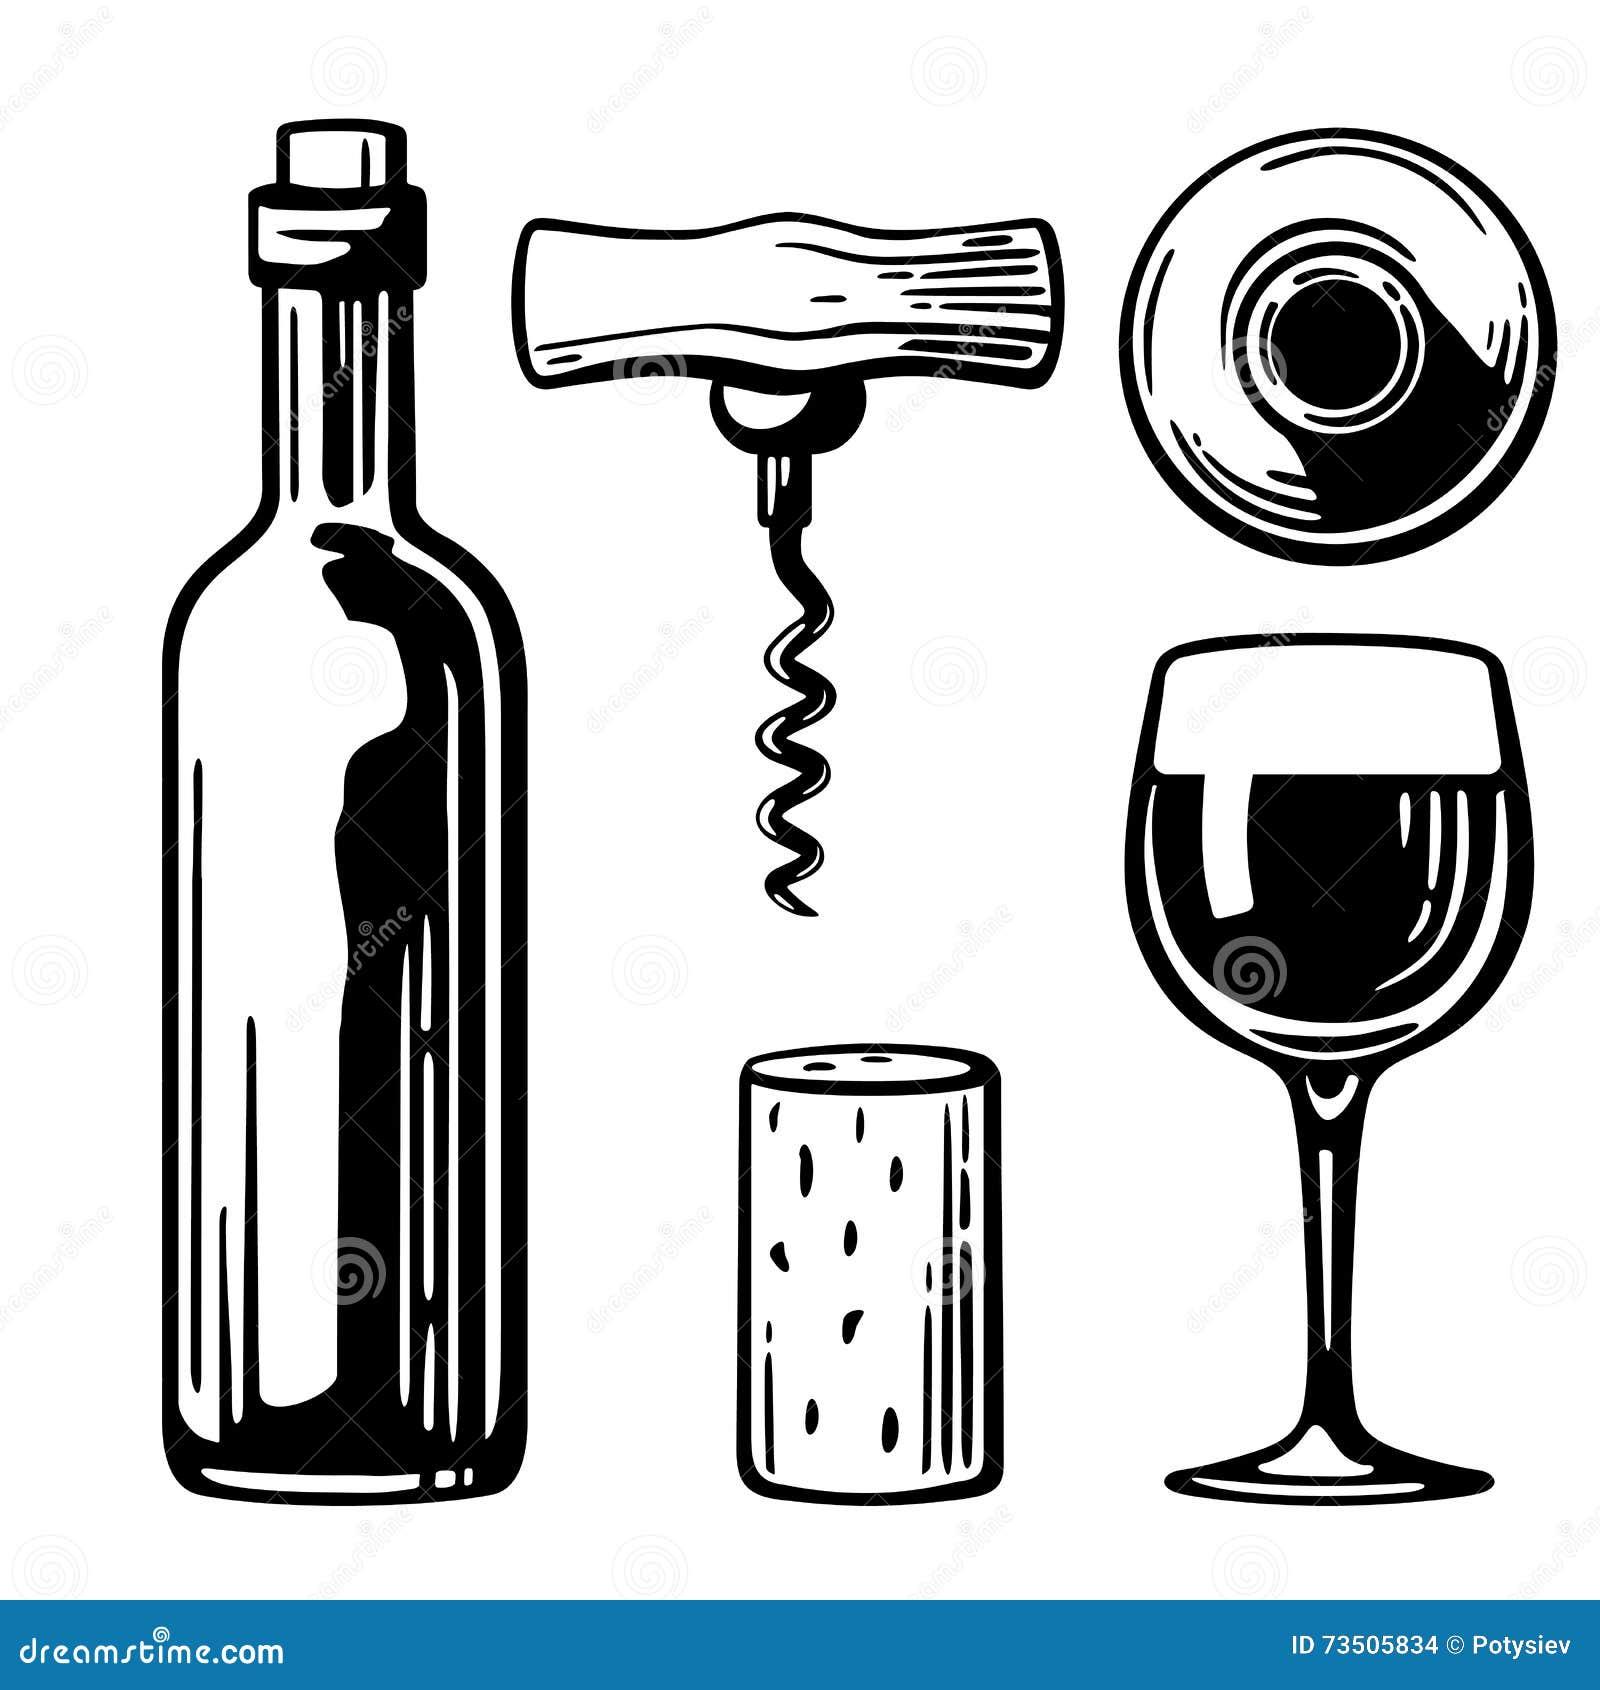 Flasche, Glas, Korkenzieher, Korken Seiten- und Draufsicht Schwarzweiss-Weinleseillustration für Aufkleber, Plakat des Weins, Net